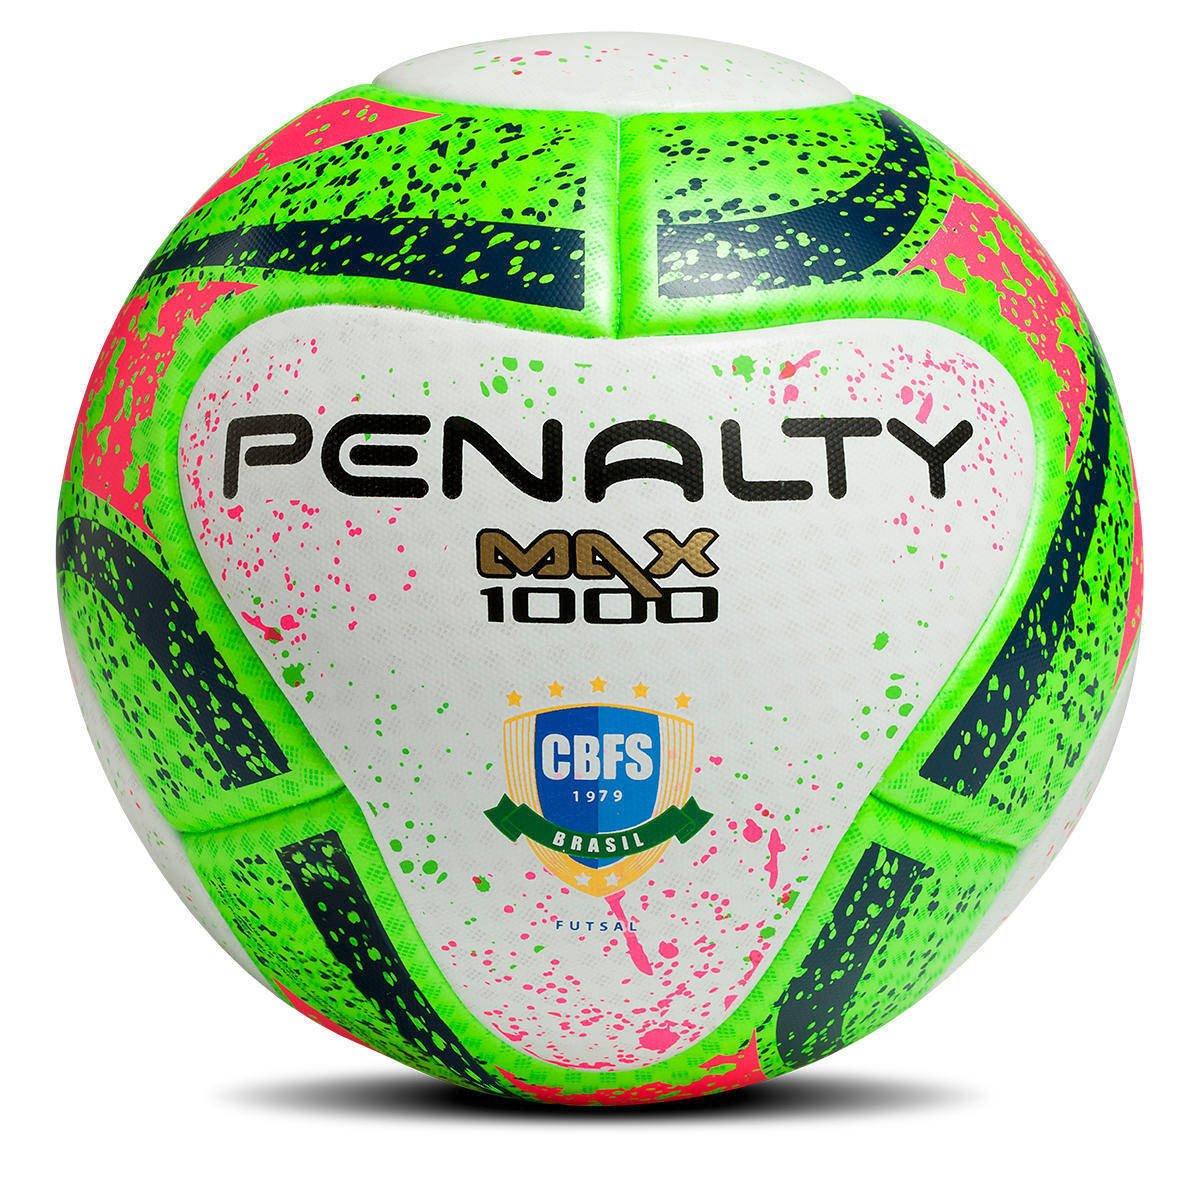 33d3b6fa5 Bizz Store - Bola Futsal Penalty Max 1000 VII Profissional